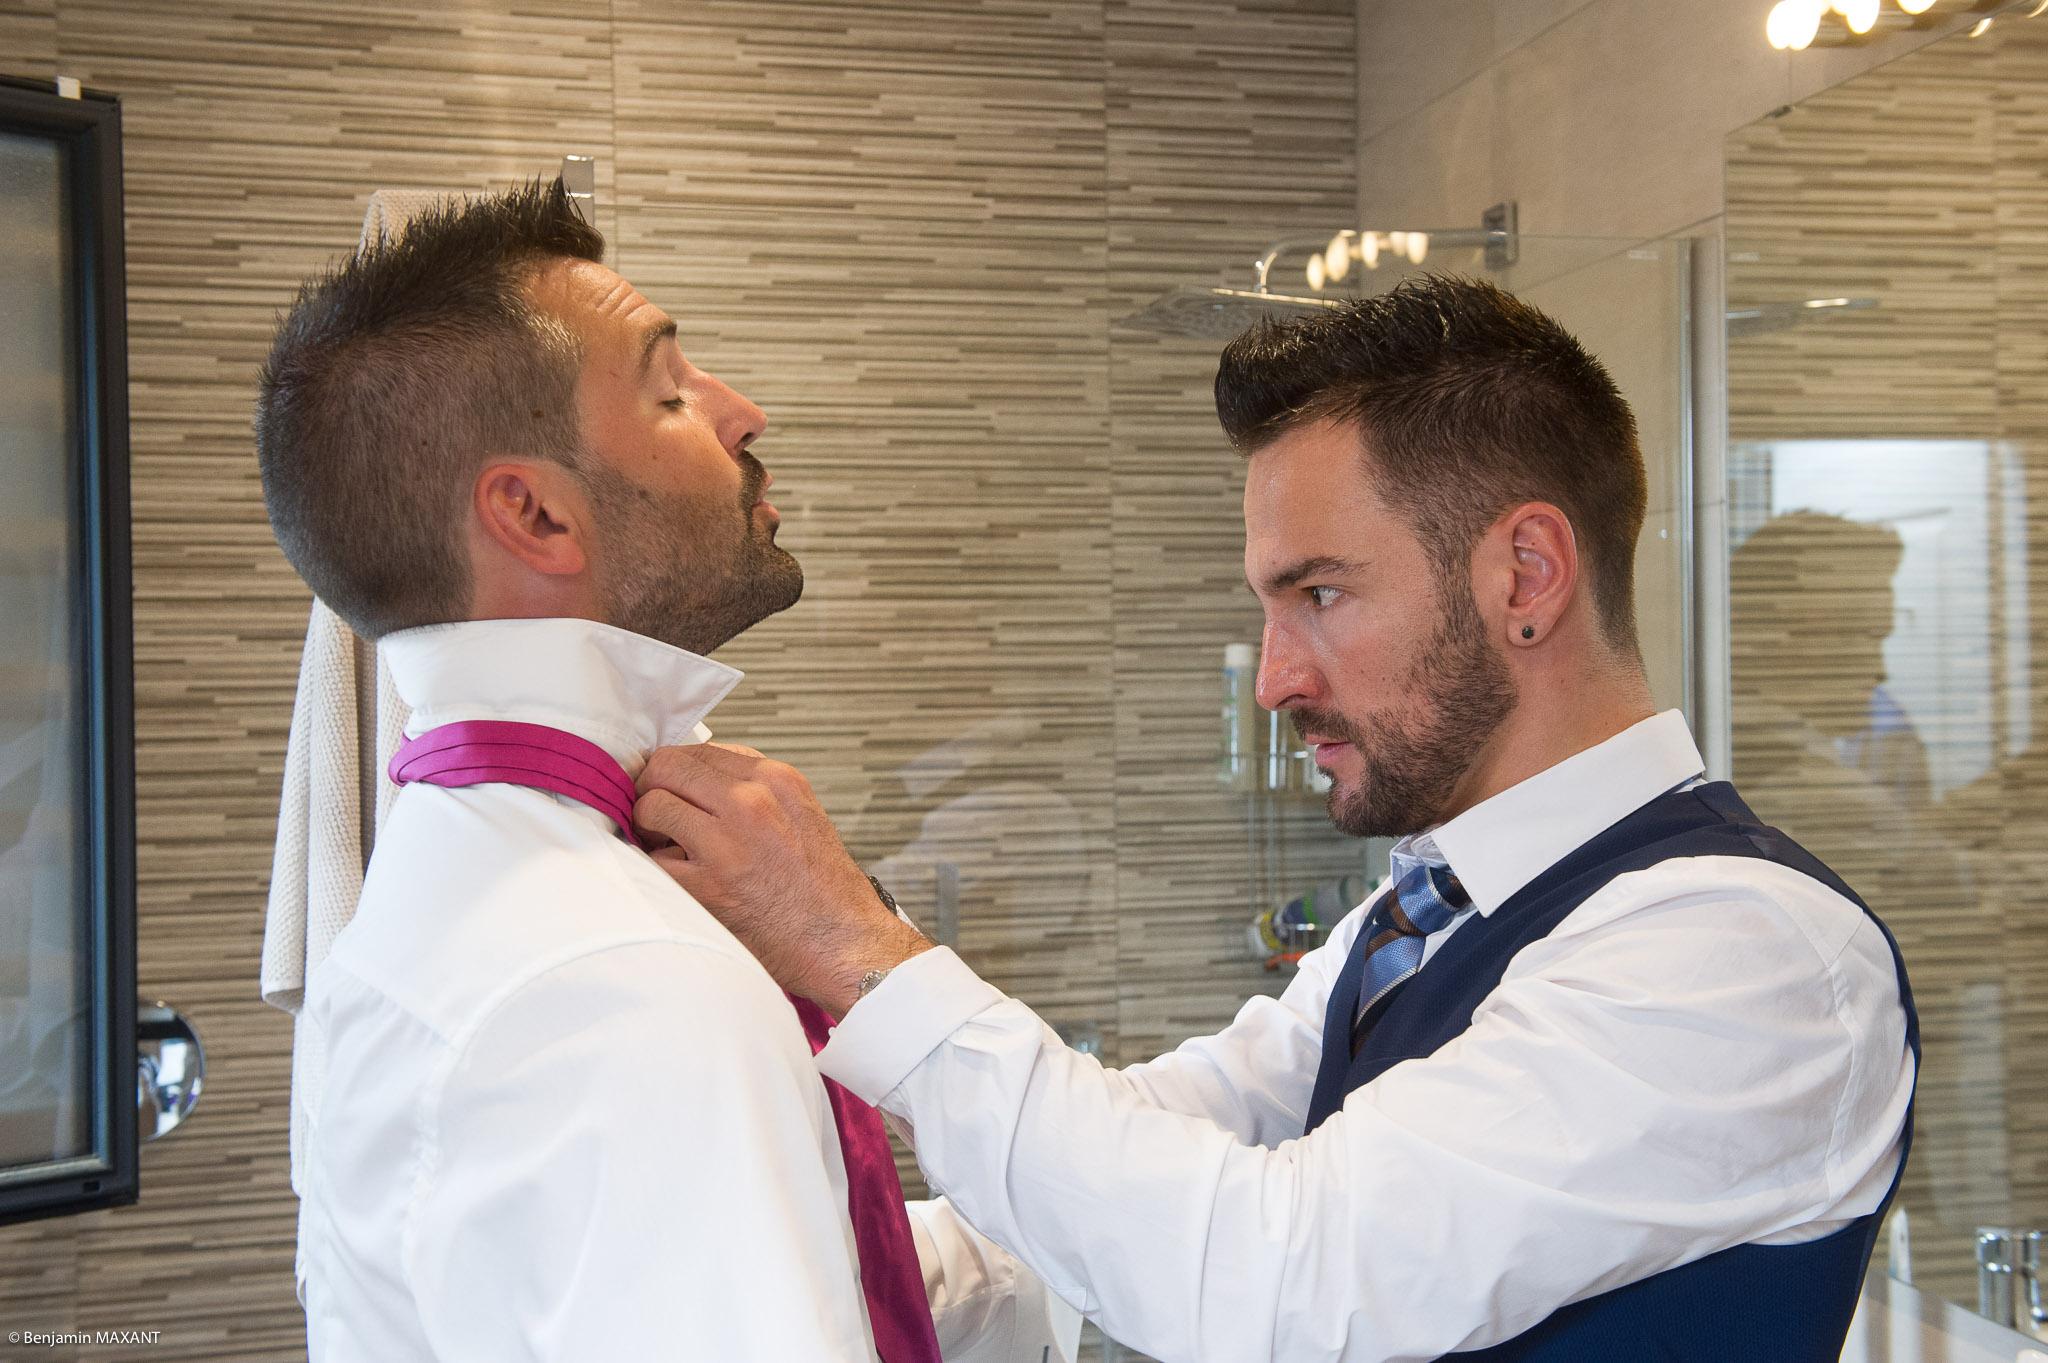 Préparation du marié - Thibault aidé par son témoin et ami David